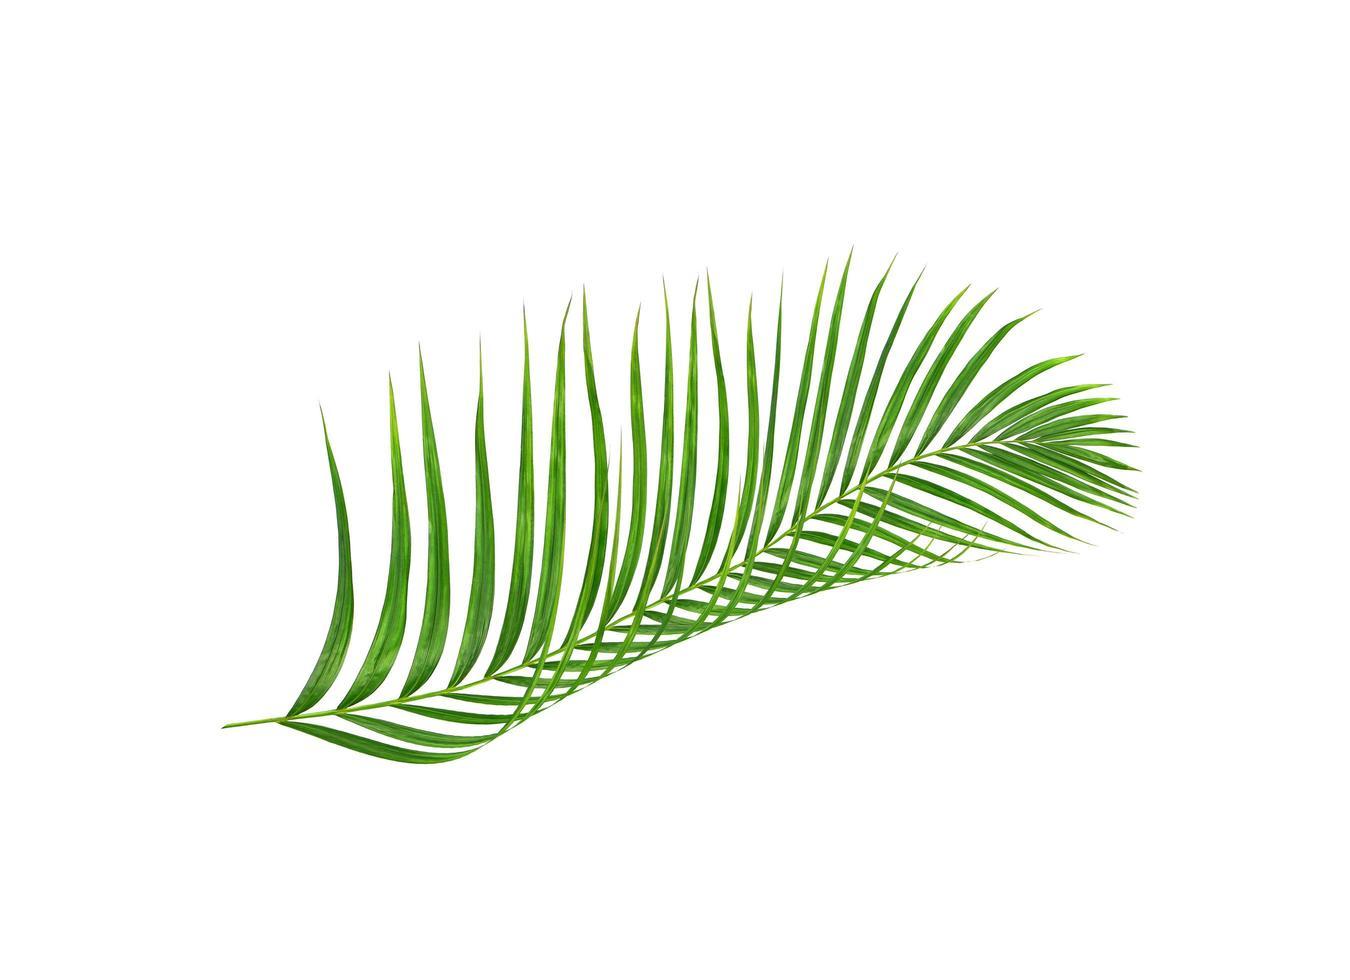 foglie verdi di palma foto